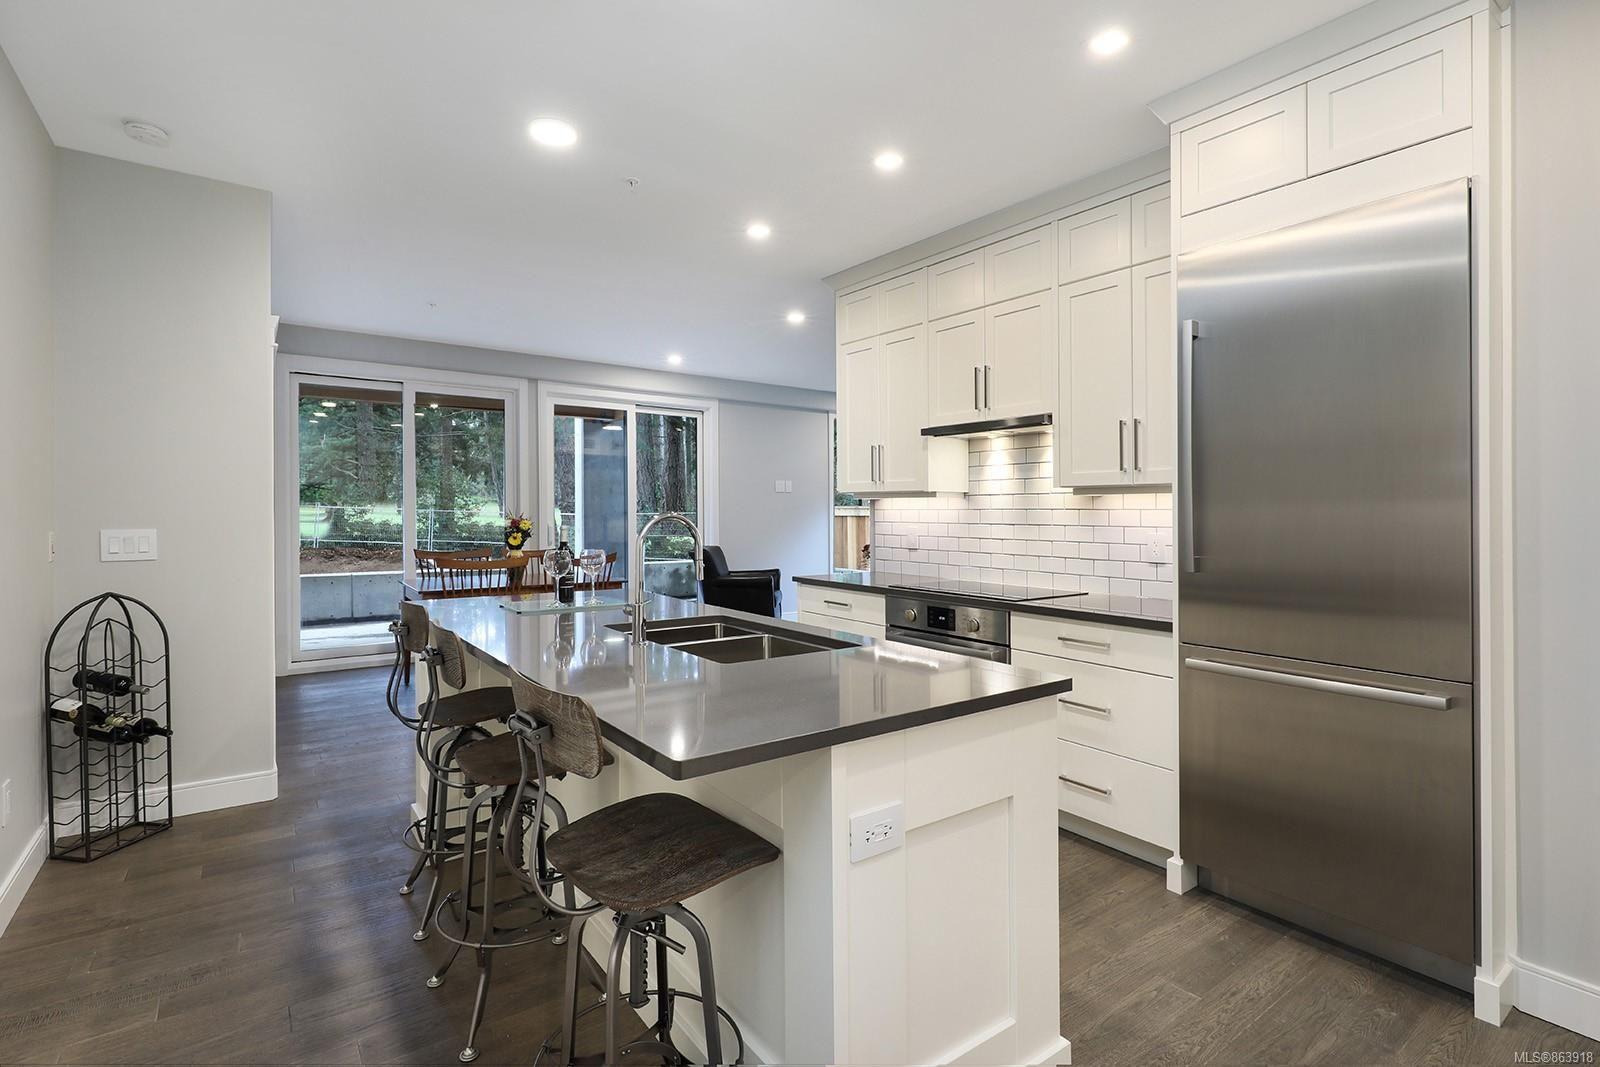 Photo 3: Photos: 107 1700 Balmoral Ave in : CV Comox (Town of) Condo for sale (Comox Valley)  : MLS®# 863918